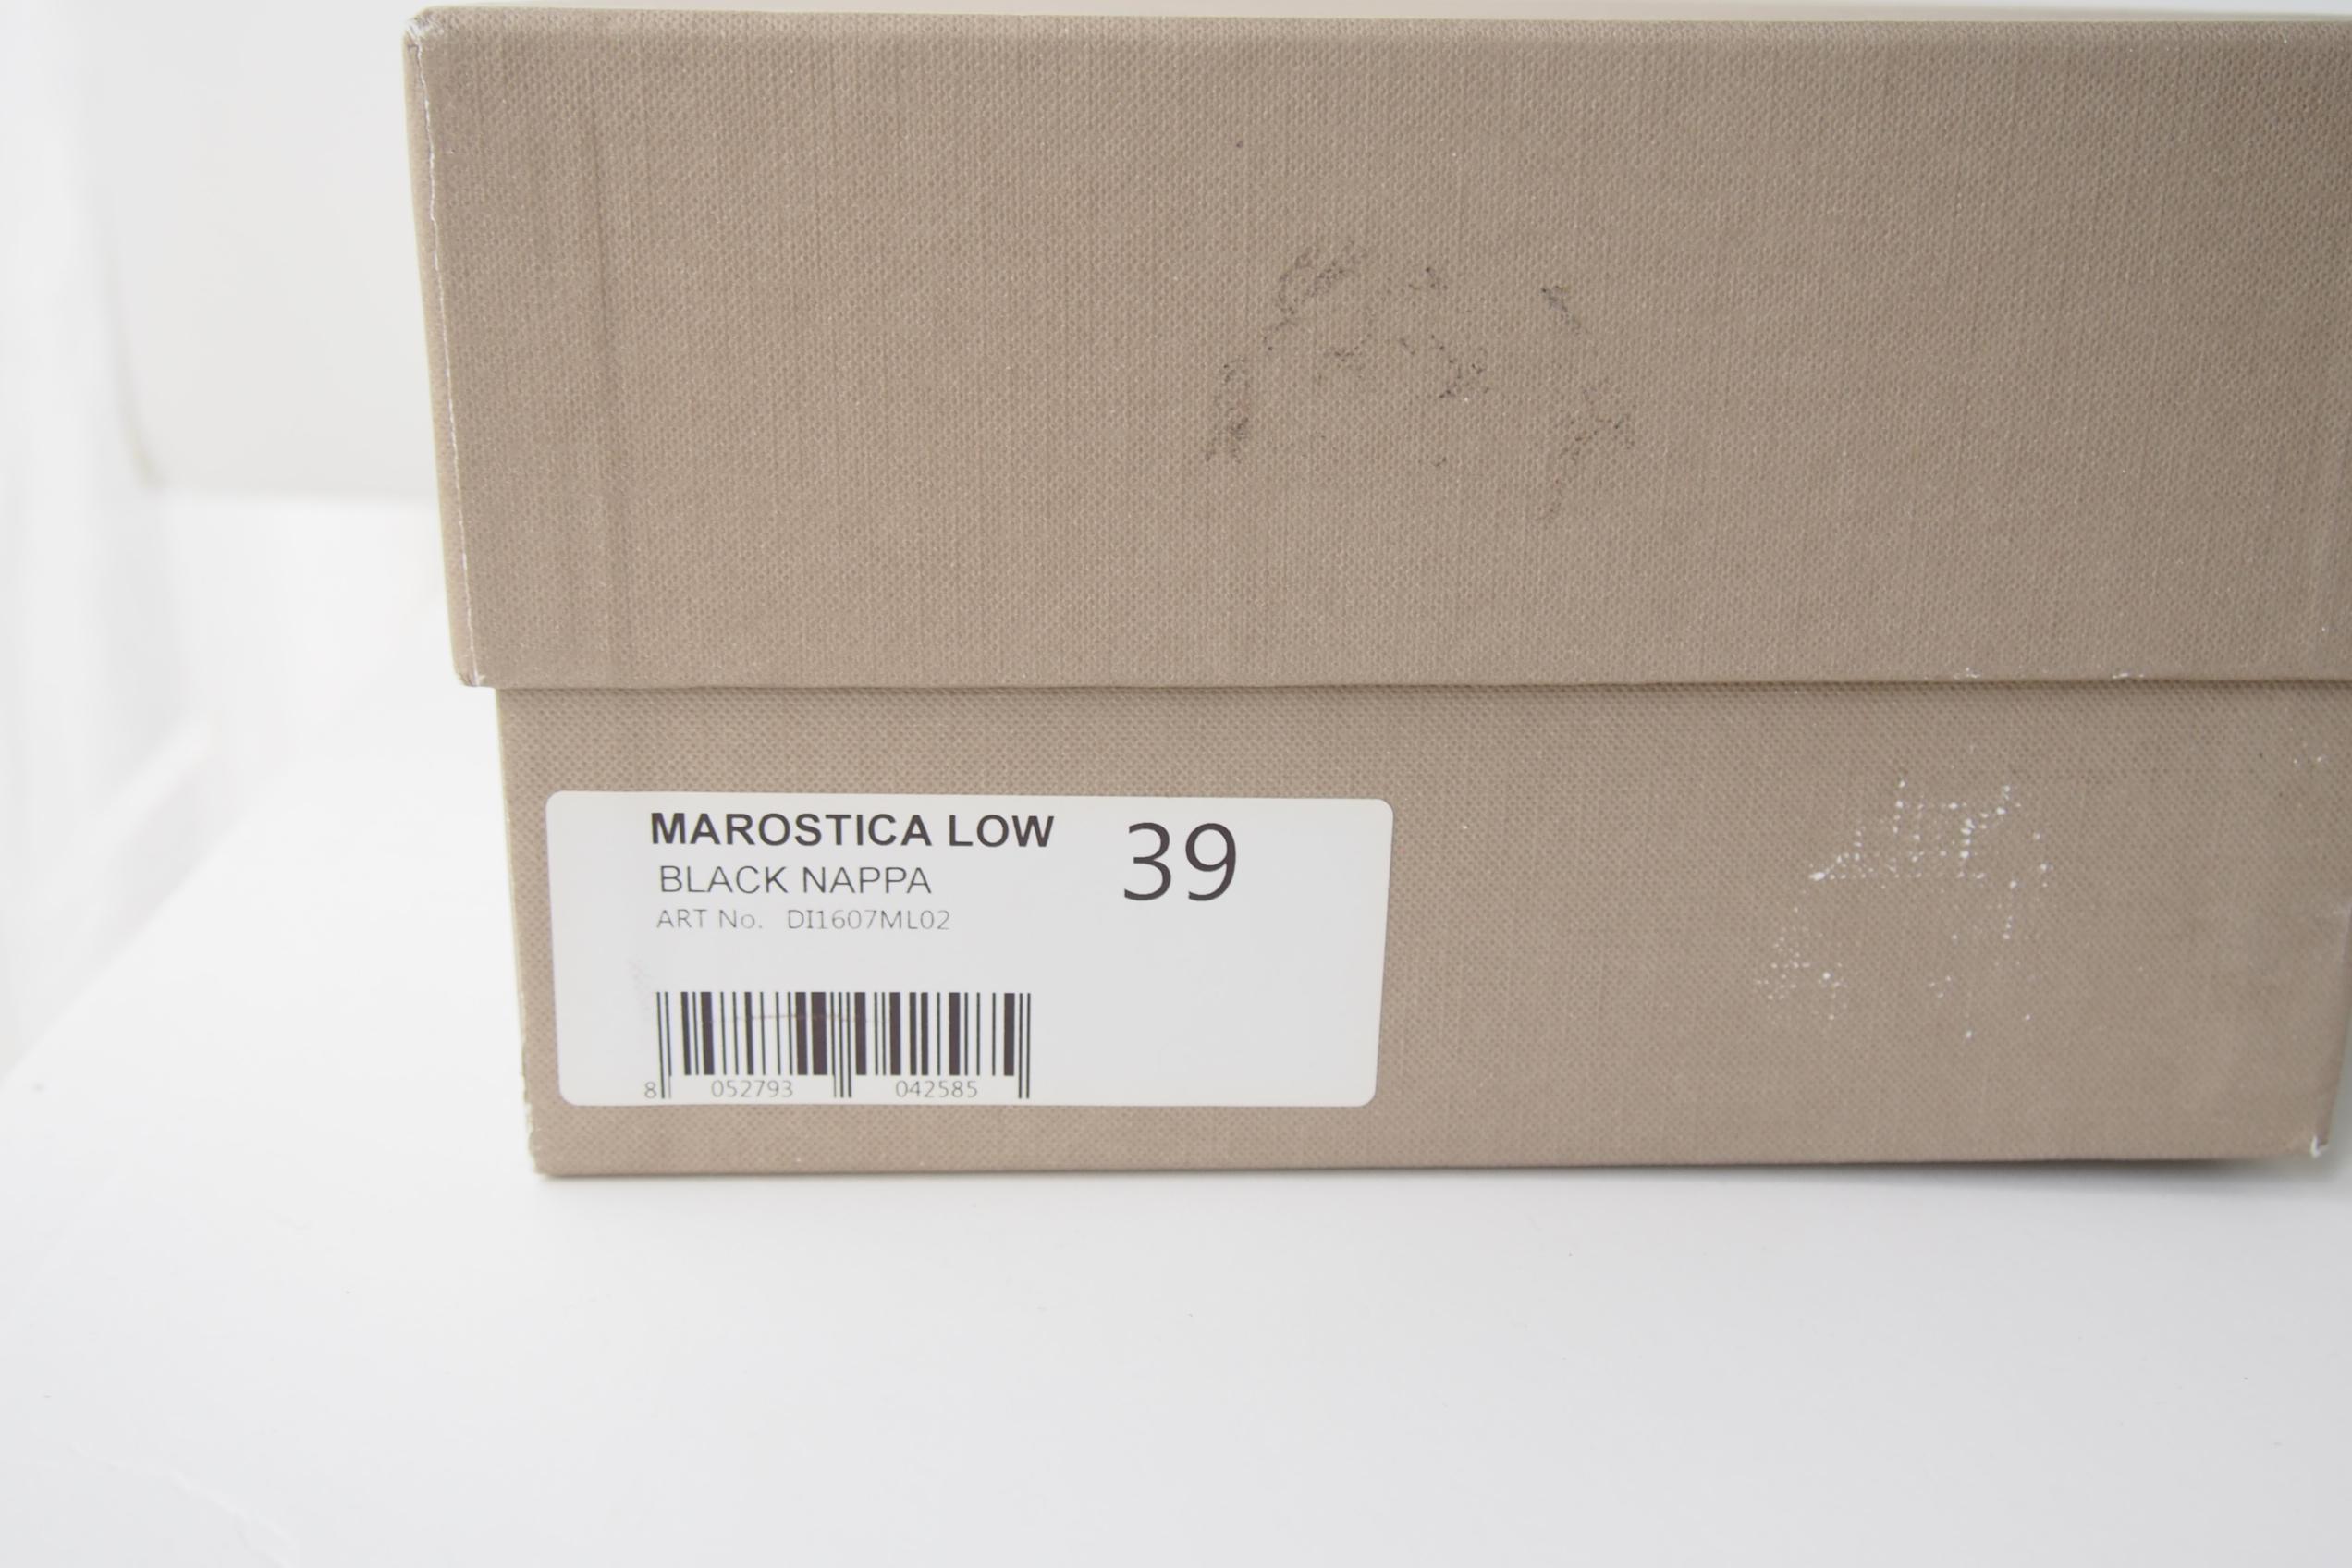 ディエッメ|DIEMME|MAROSTICA LOW BLACK NAPPA|スニーカーイメージ02